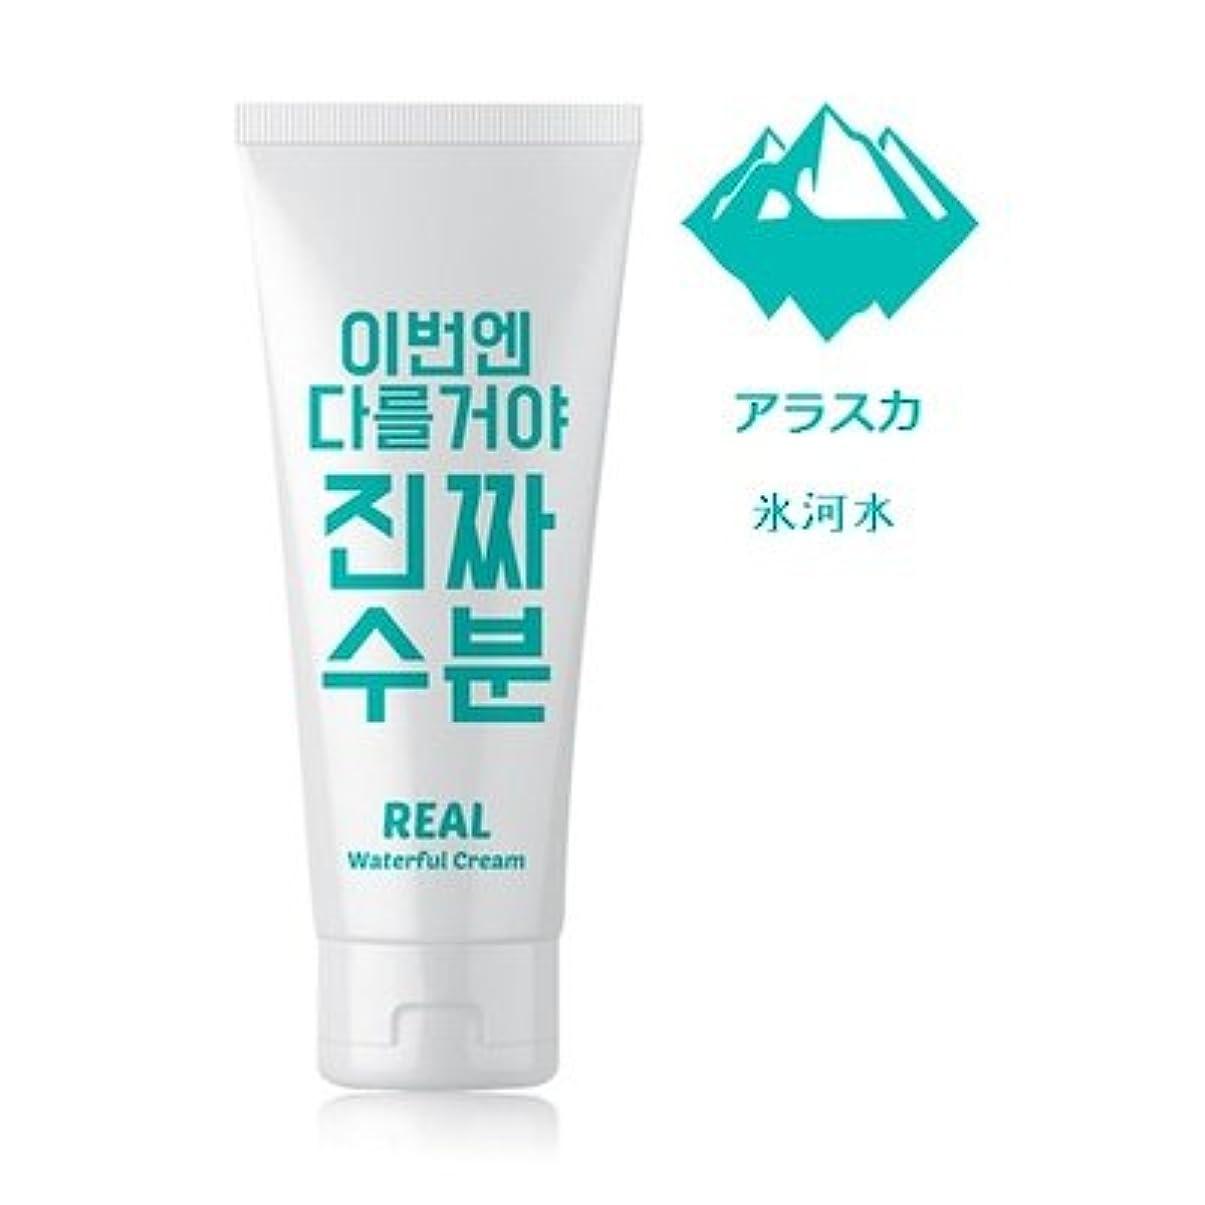 錆びアレキサンダーグラハムベル寛大なJaminkyung Real Waterful Cream/孜民耕 [ジャミンギョン] 今度は違うぞ本当の水分クリーム 200ml [並行輸入品]